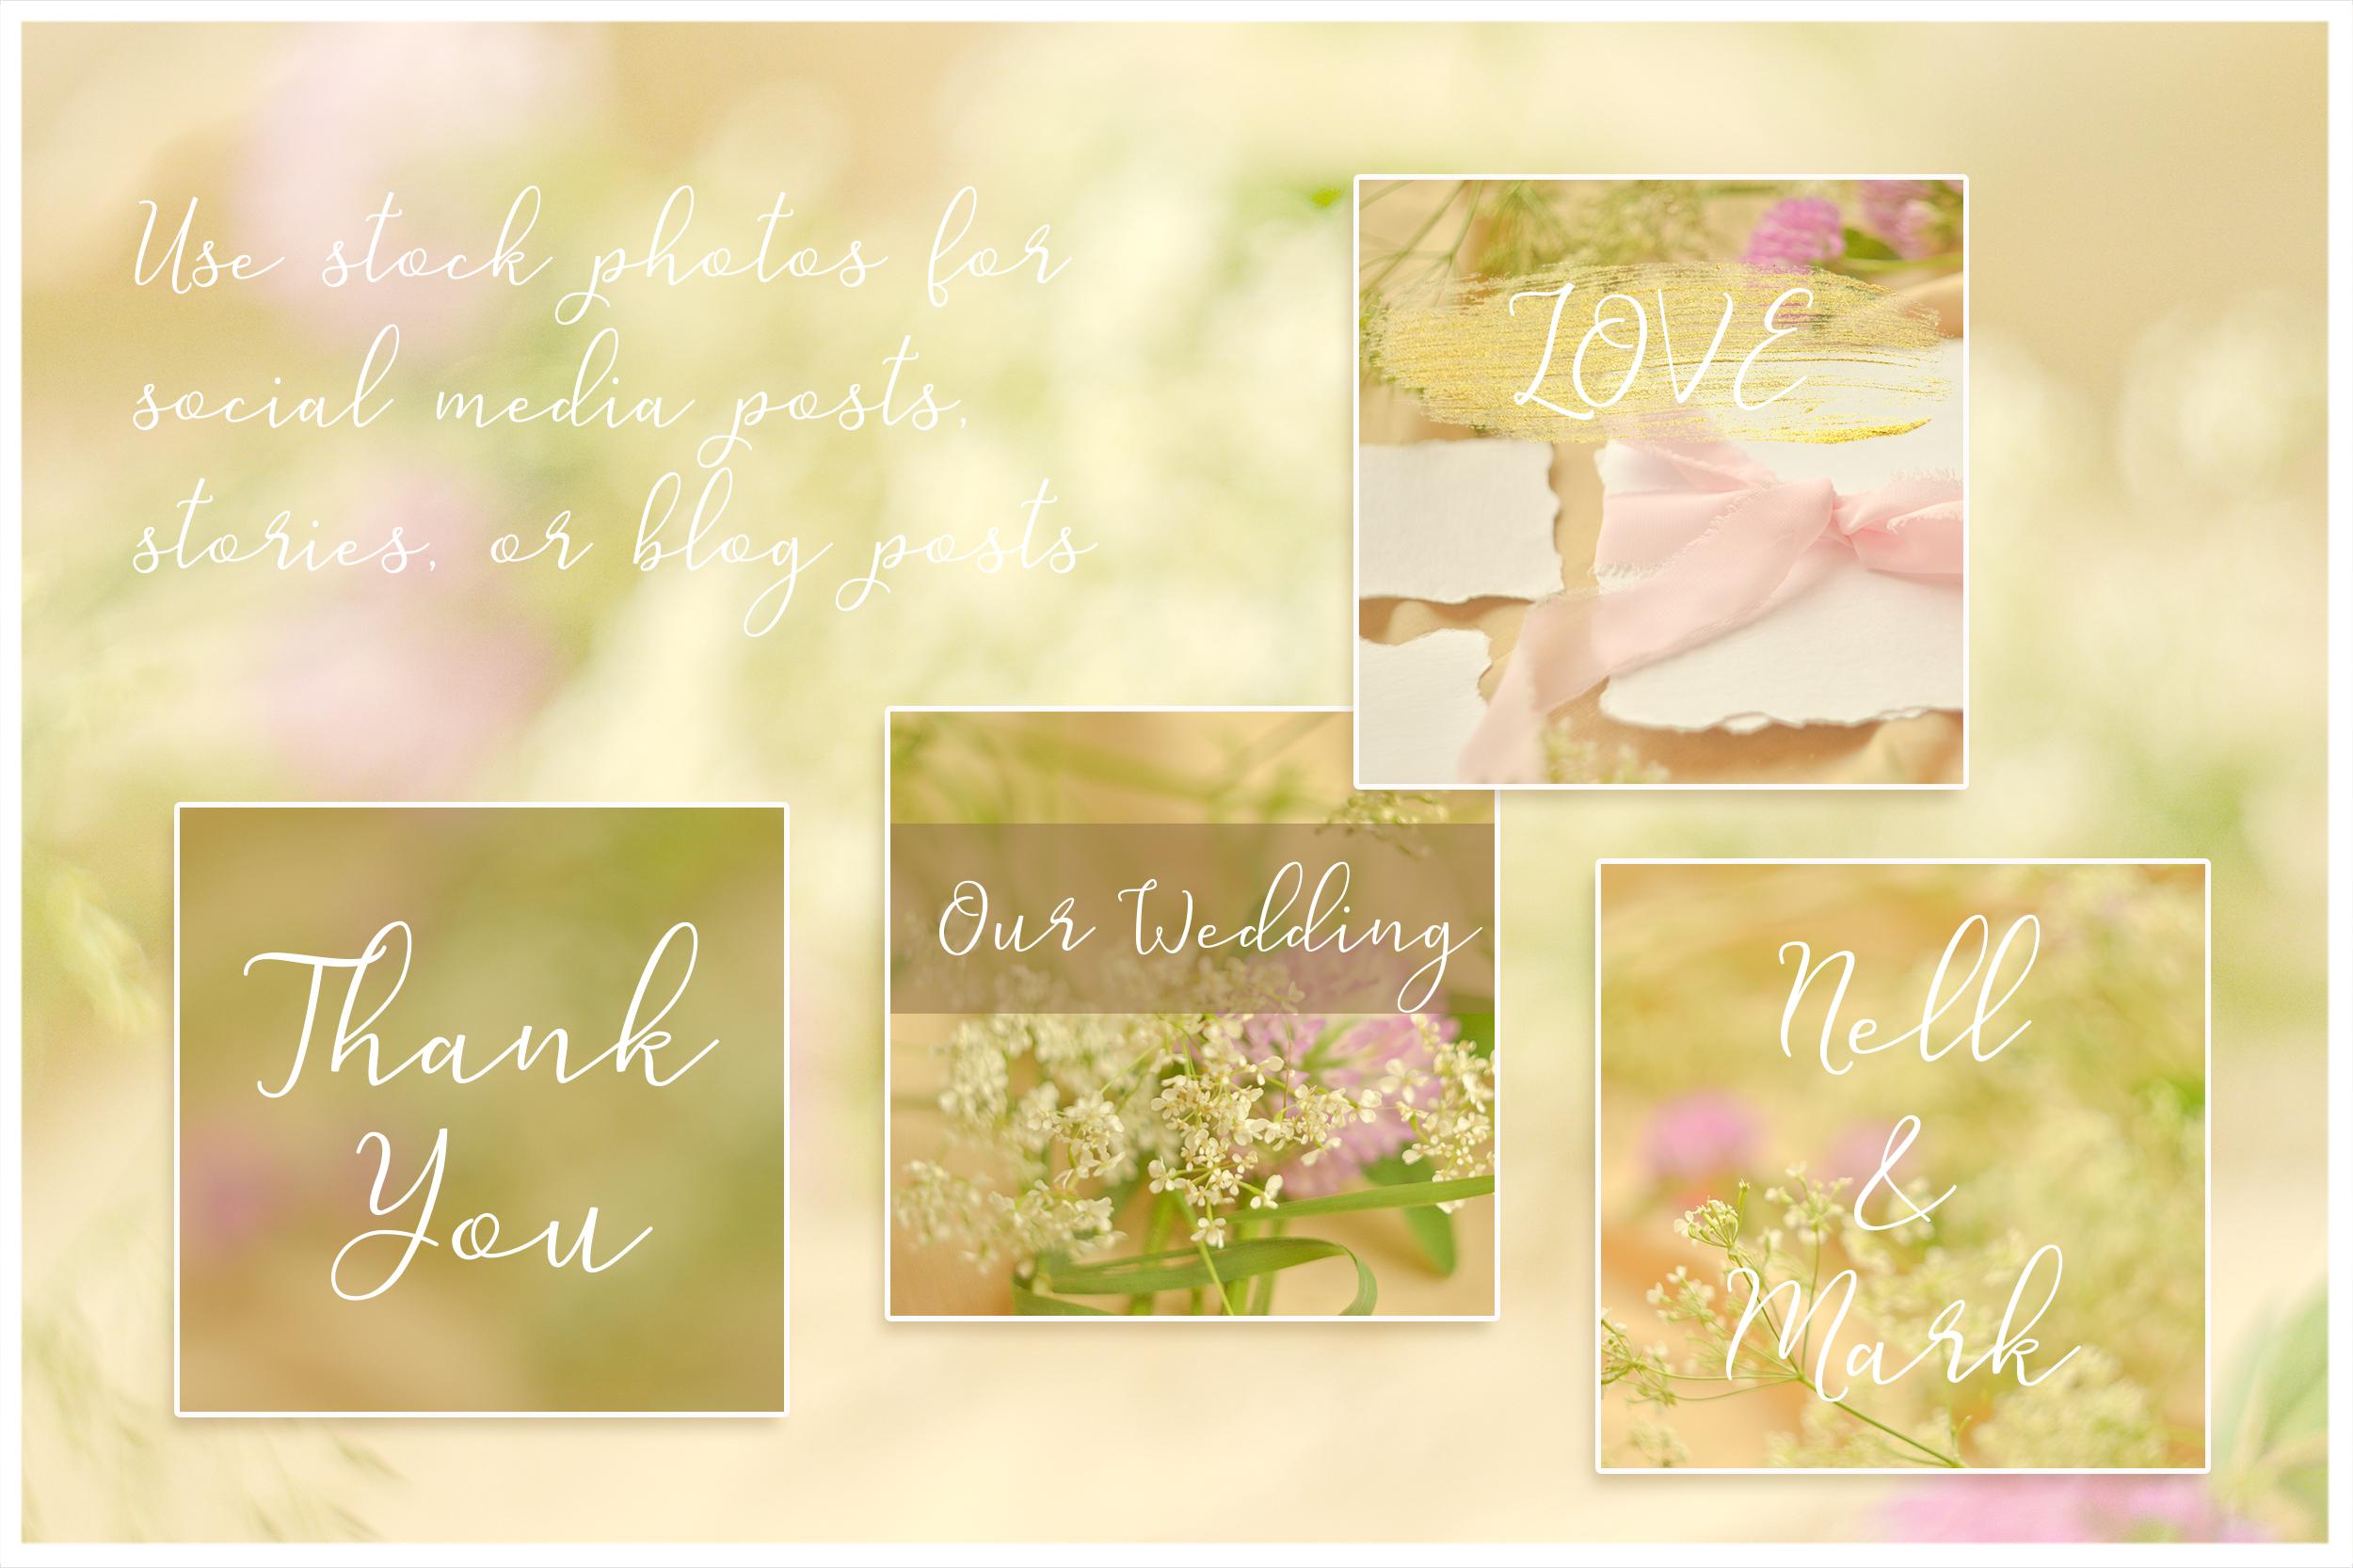 Honey Meadow. Wedding mockups & stock photo bundle example image 4